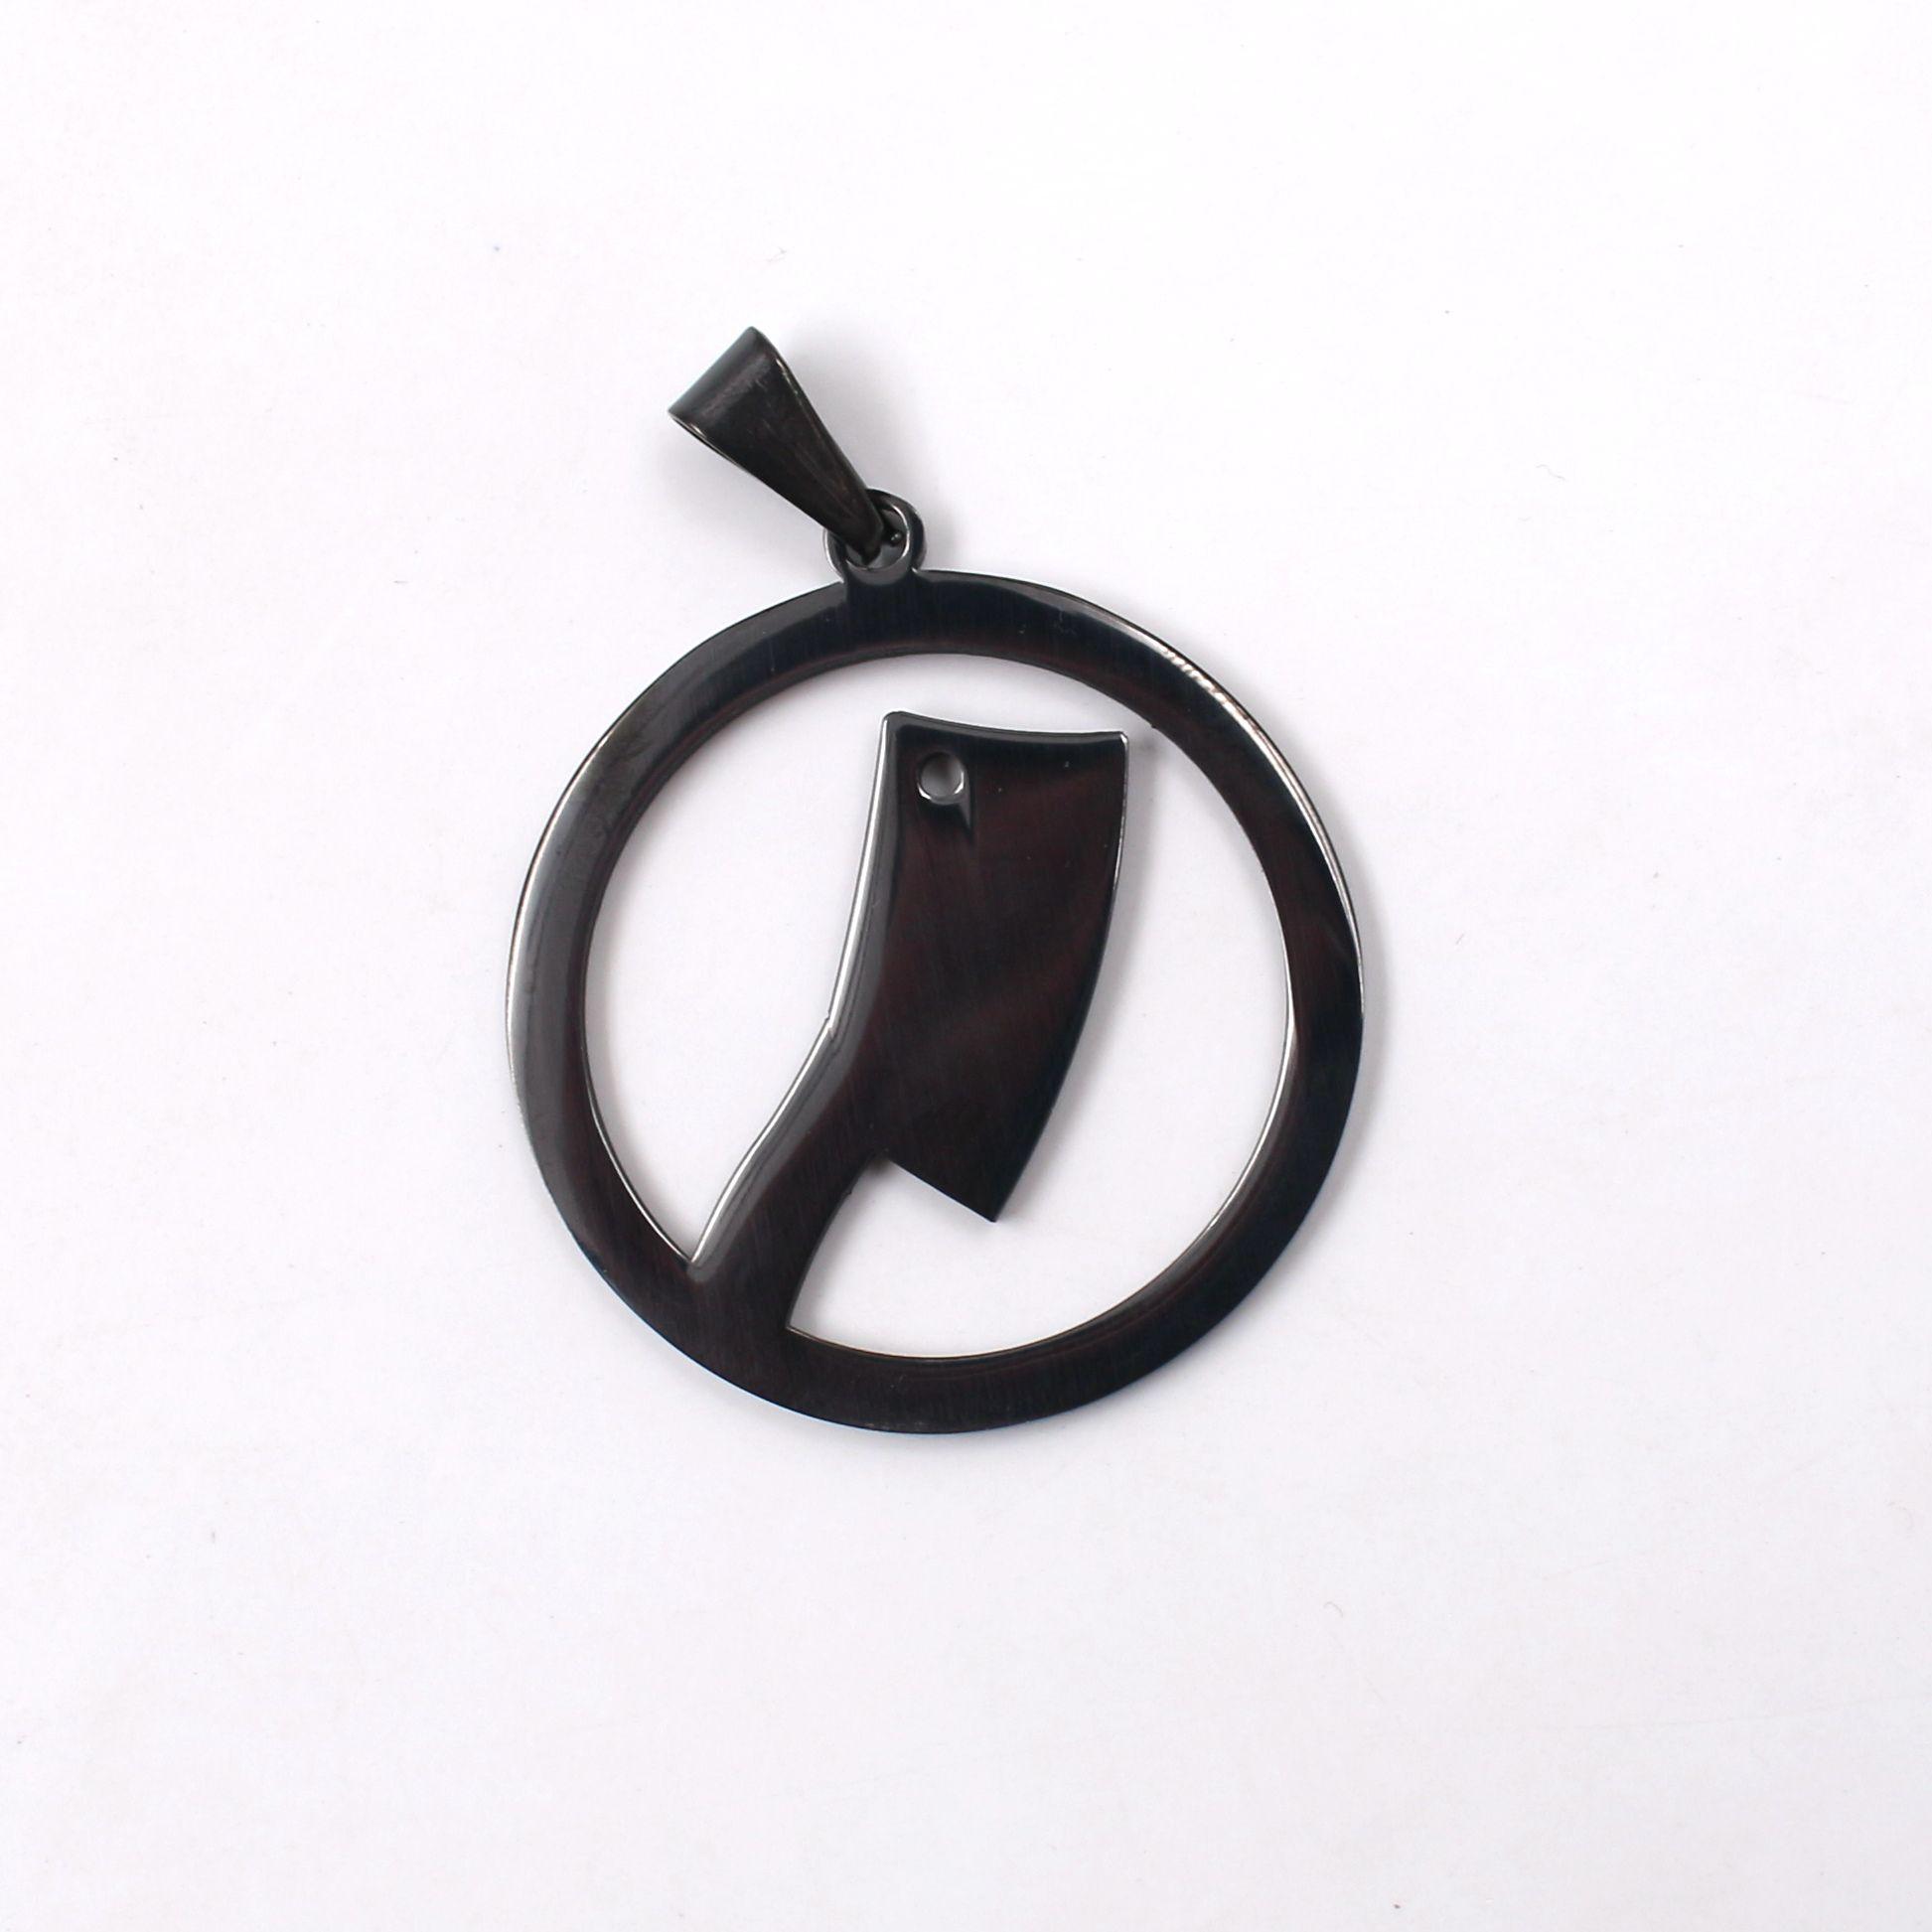 Drop shipping GNAYY Haute Qualité En Acier Inoxydable Noir / argent Rond Cuisine Couteau Pendentif Hommes Femmes Collier De Mode 4mm24 '' chaîne Rolo